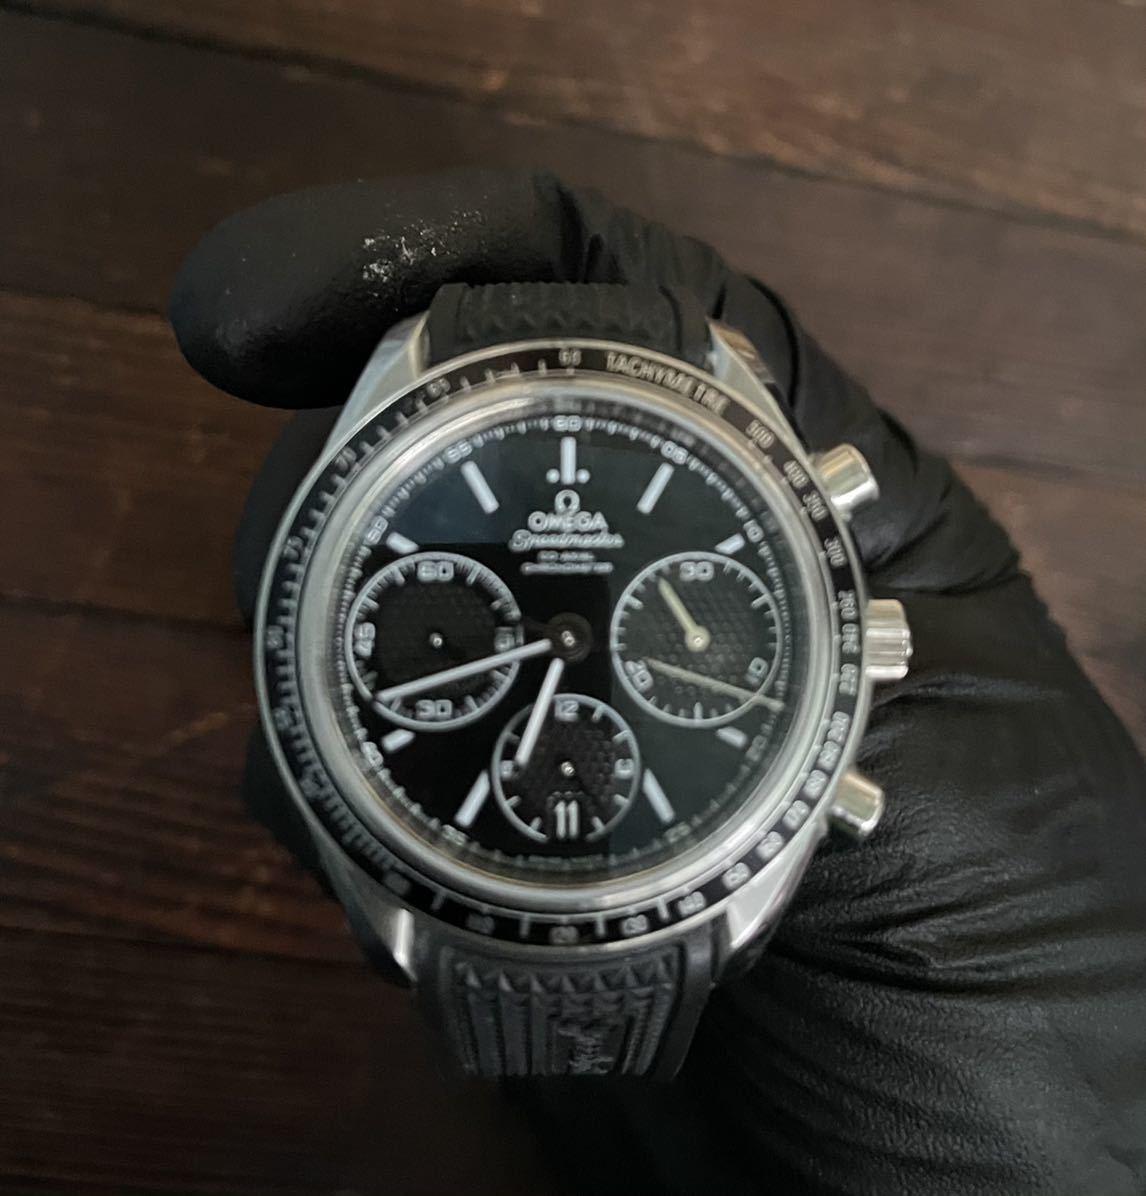 オメガ スピードマスター レーシング 自動巻き メンズ腕時計